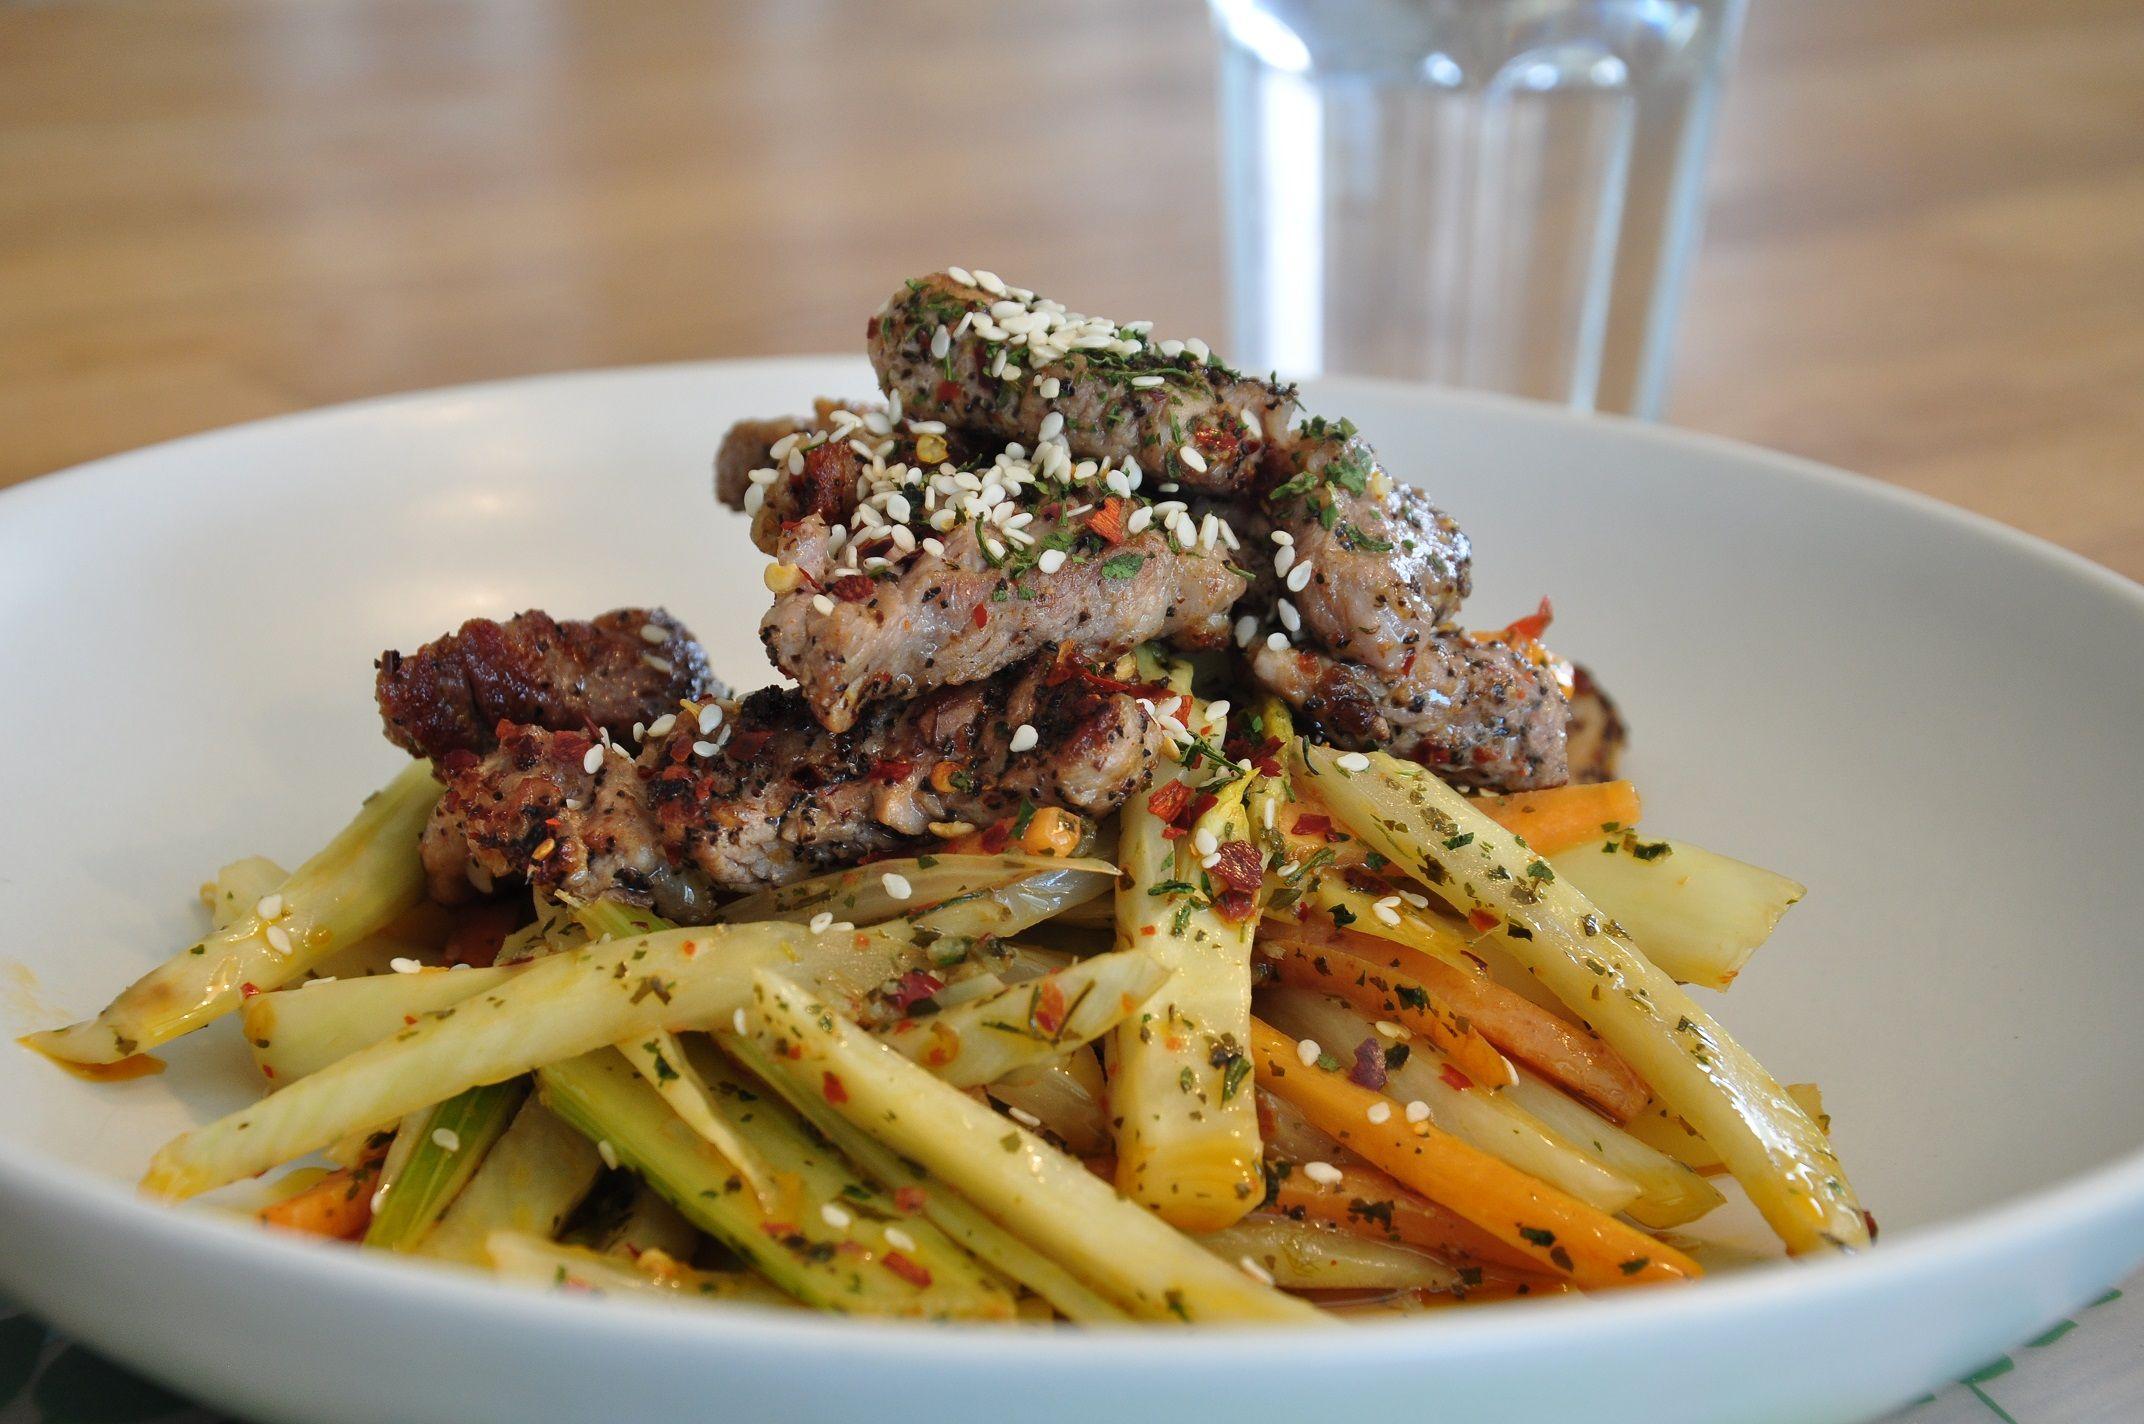 Här kommer en variant på en varm sallad med stekt kött där smakerna är lite inspirerade av asiatisk matlagning, det vill säga lite chili, koriander, lime, sesamfrön och vitlök. Jag gjorde salladen …